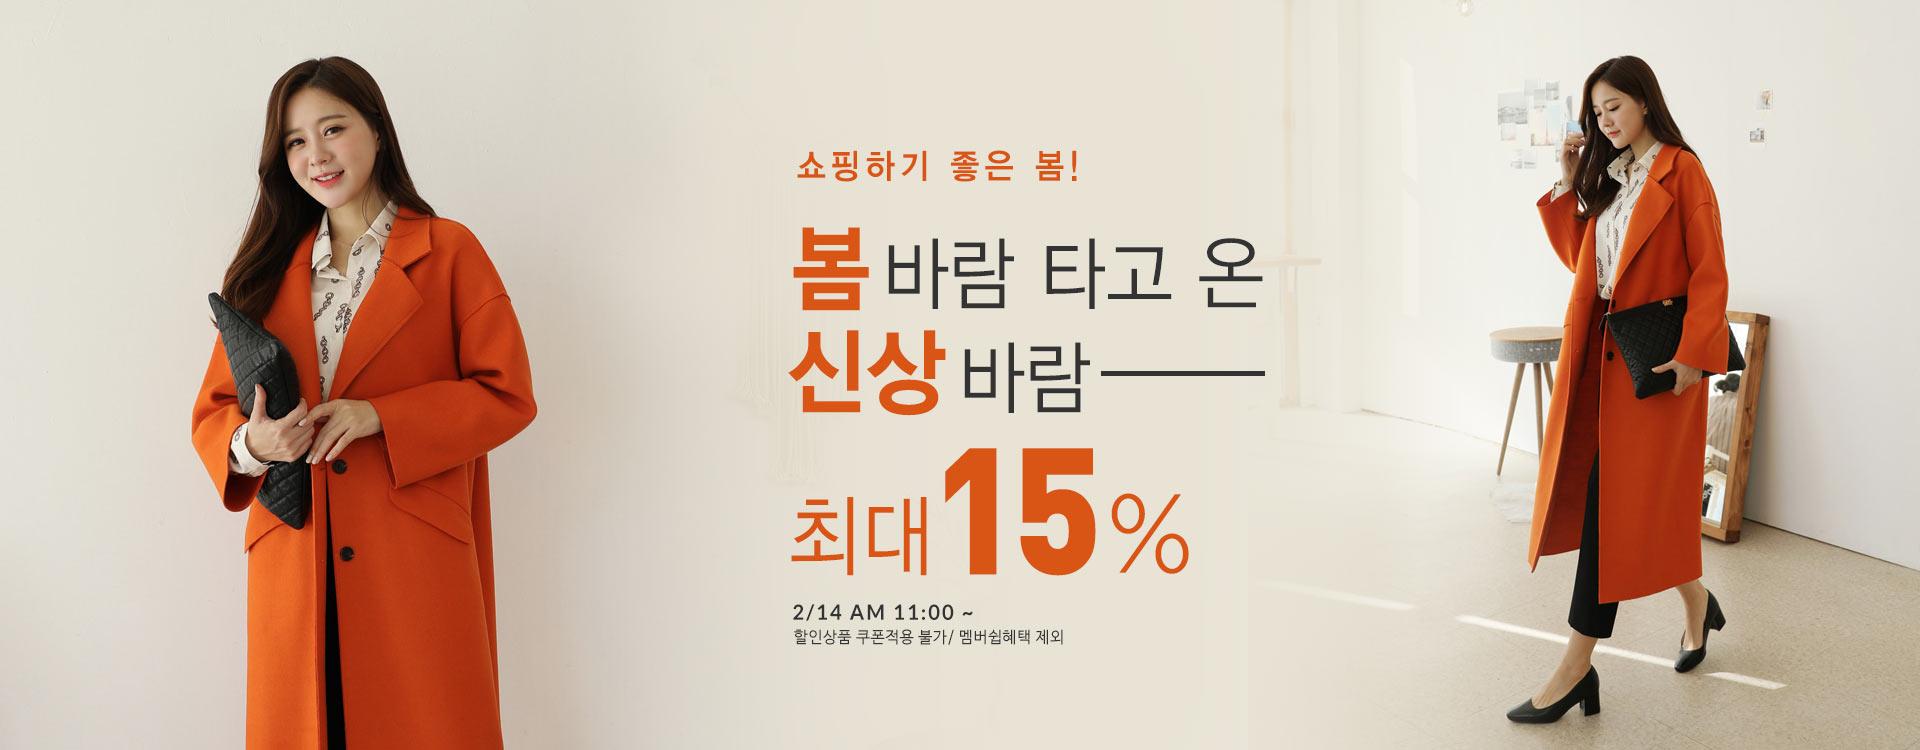 봄신상 ~15%